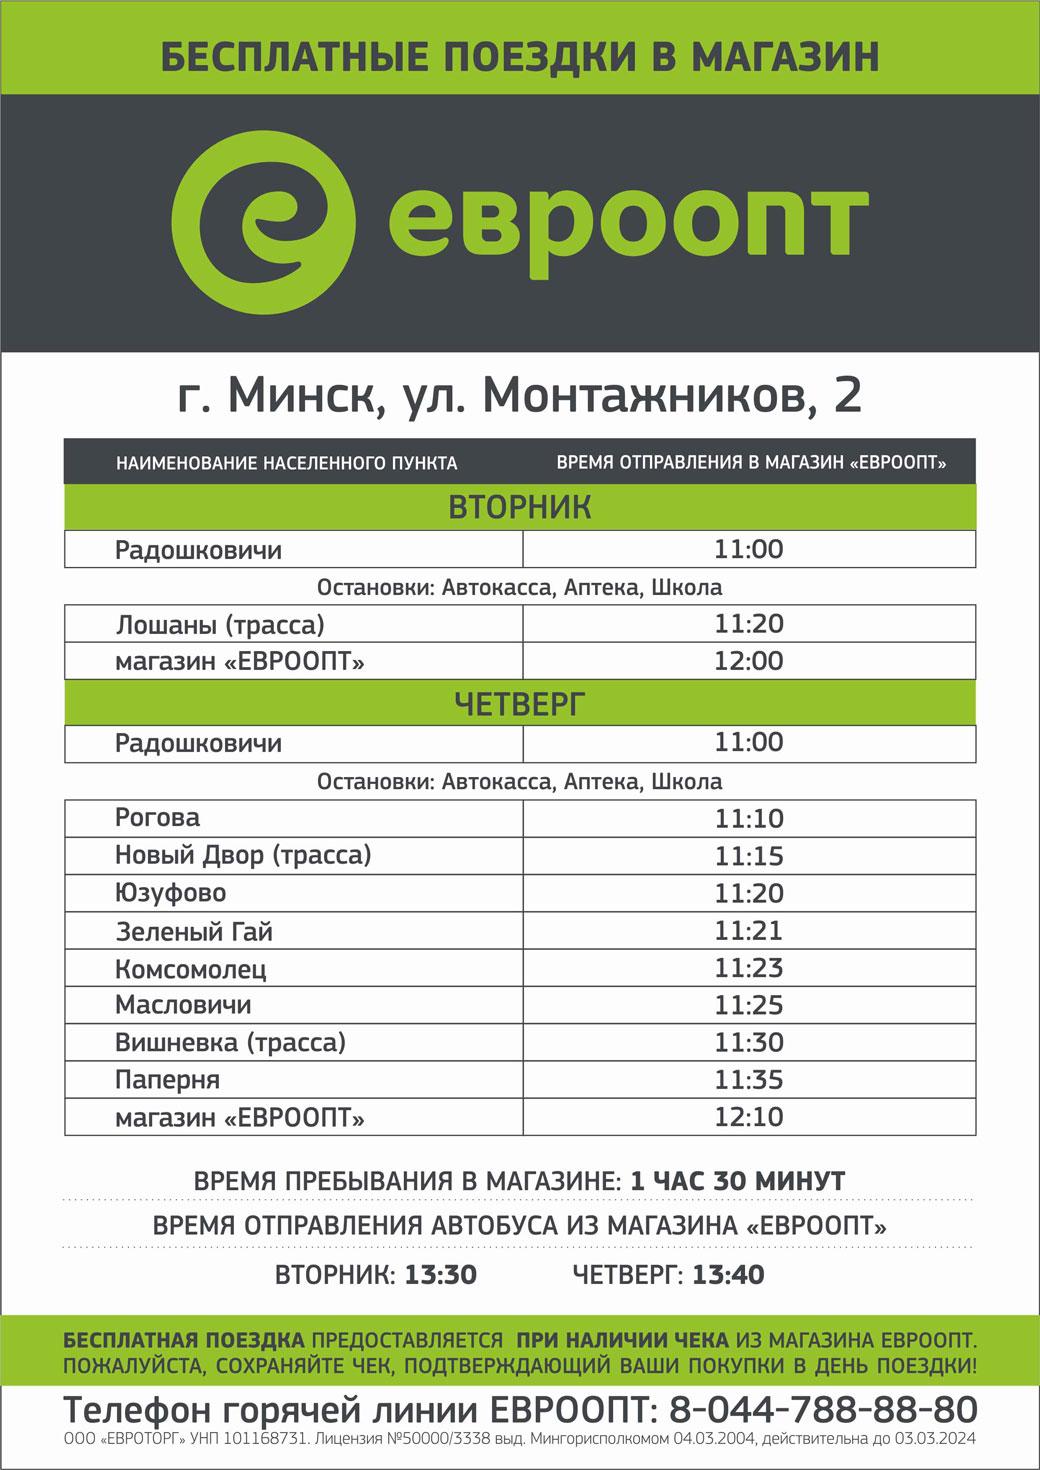 Расписание автобусов Евроопт из Радошкович